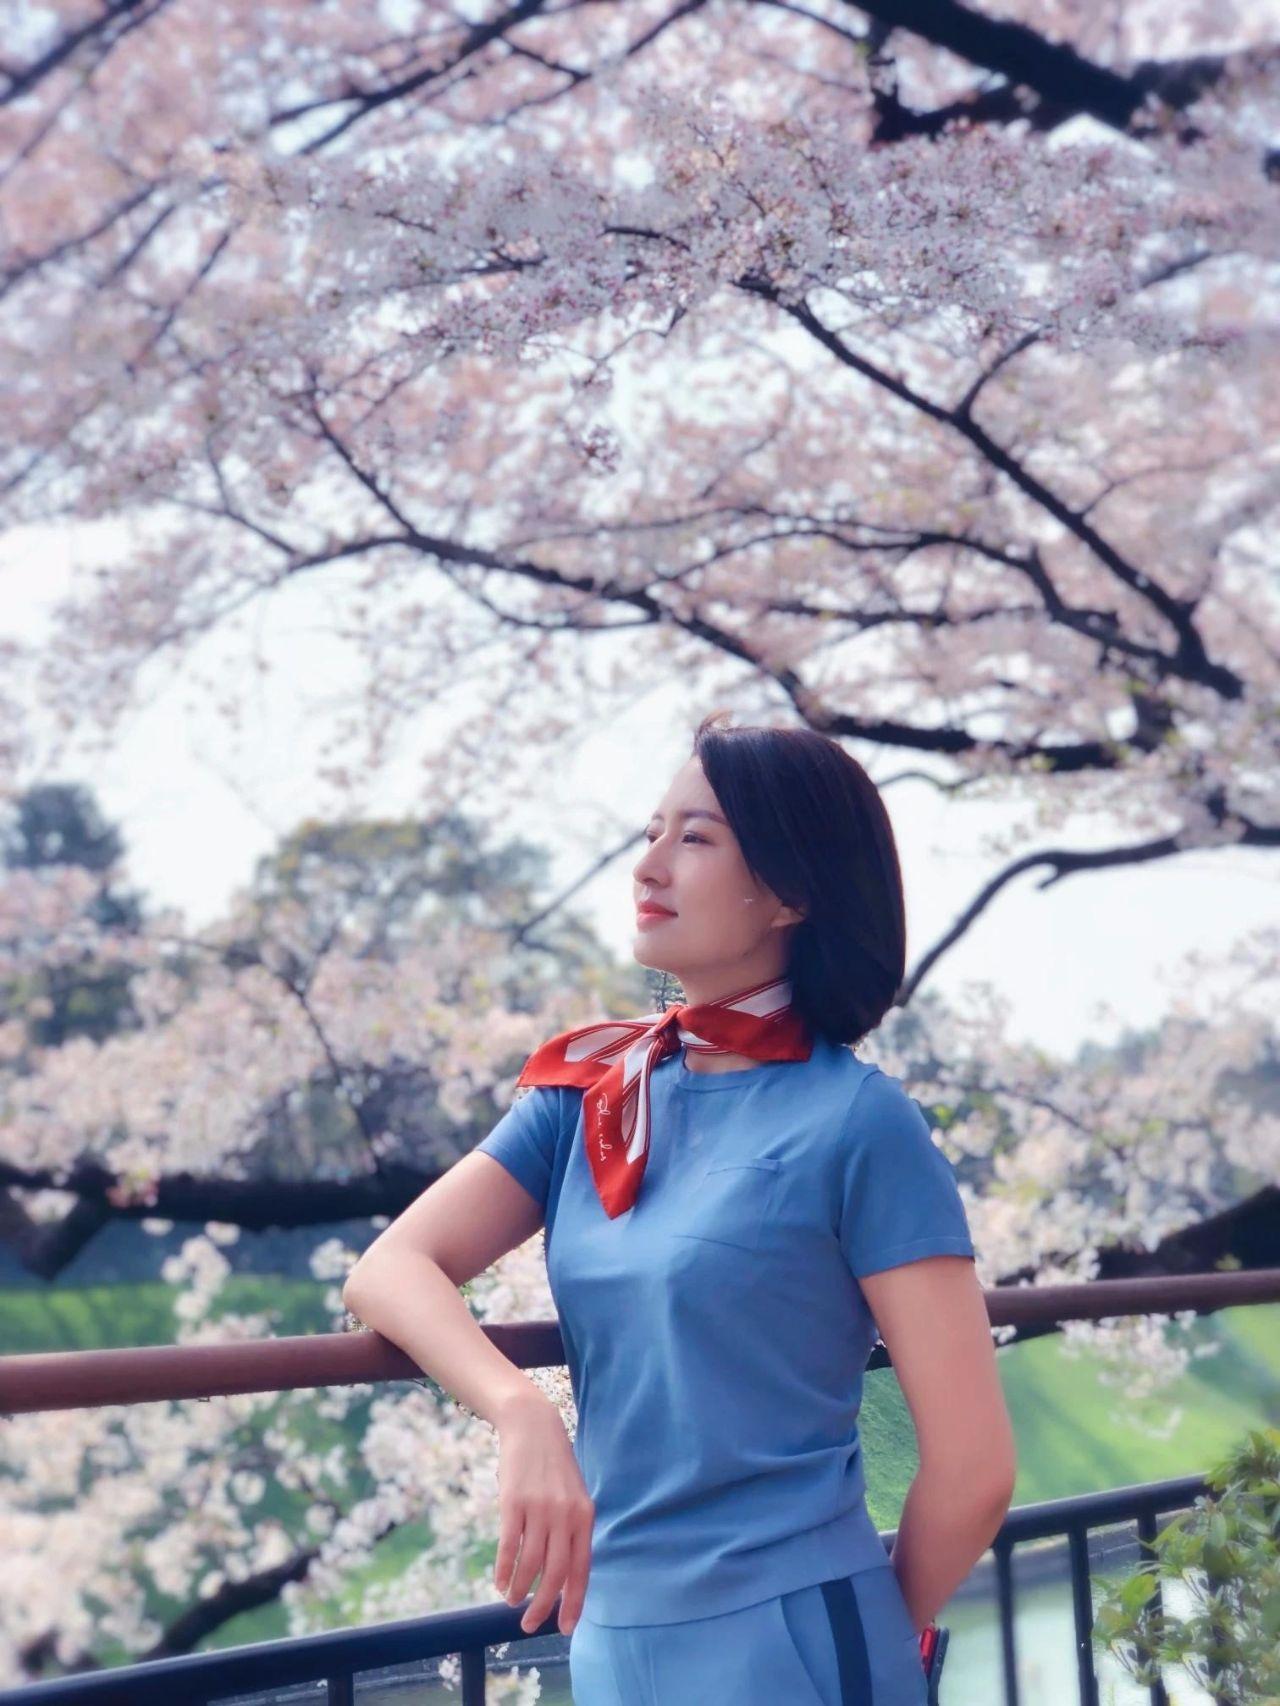 央视主持人张蕾40岁了,晒樱花照好漂亮,气质而优雅!